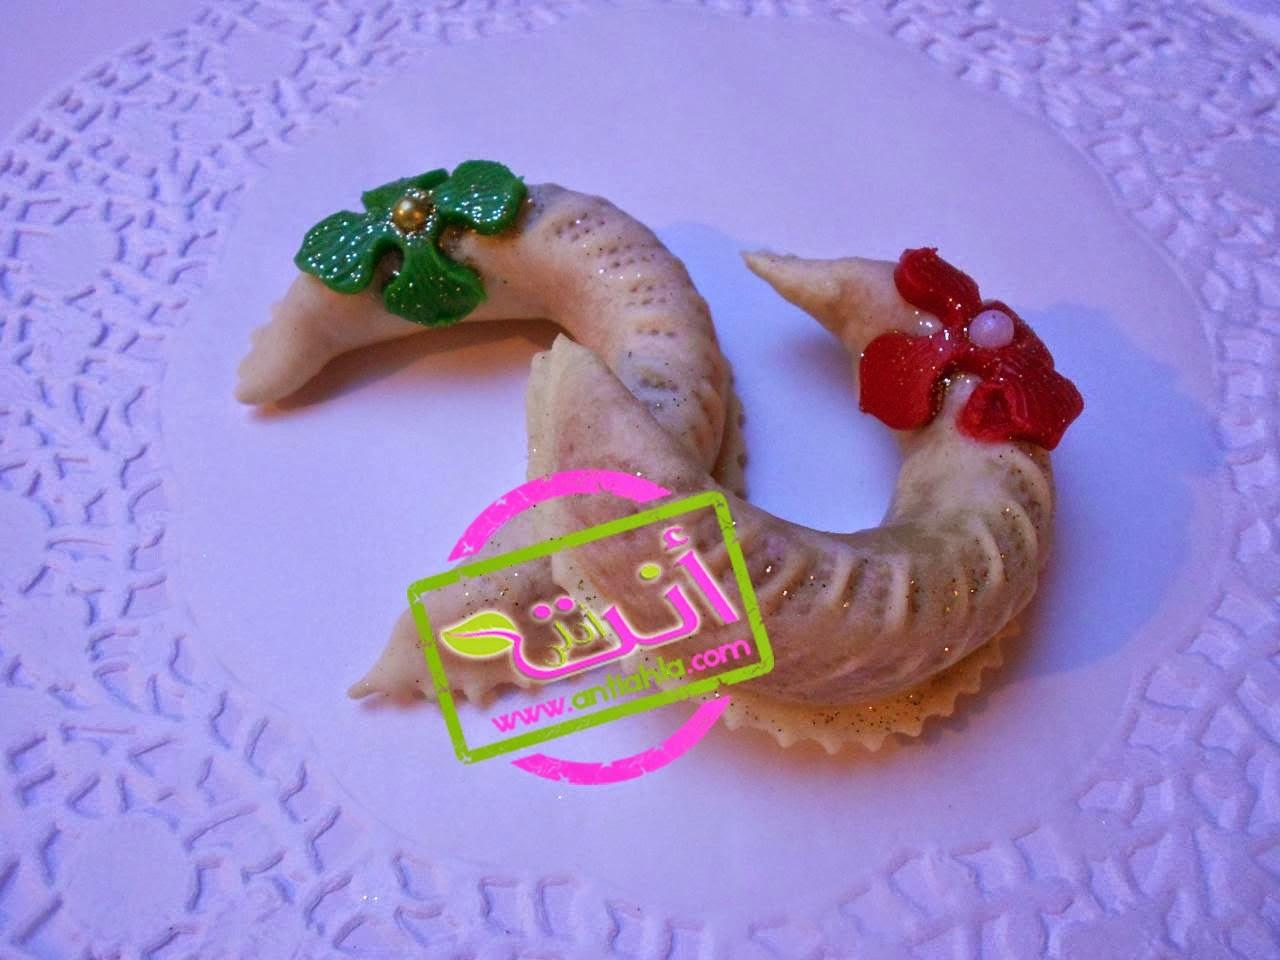 http://www.antiahla.com/2014/01/blog-post_9838.html